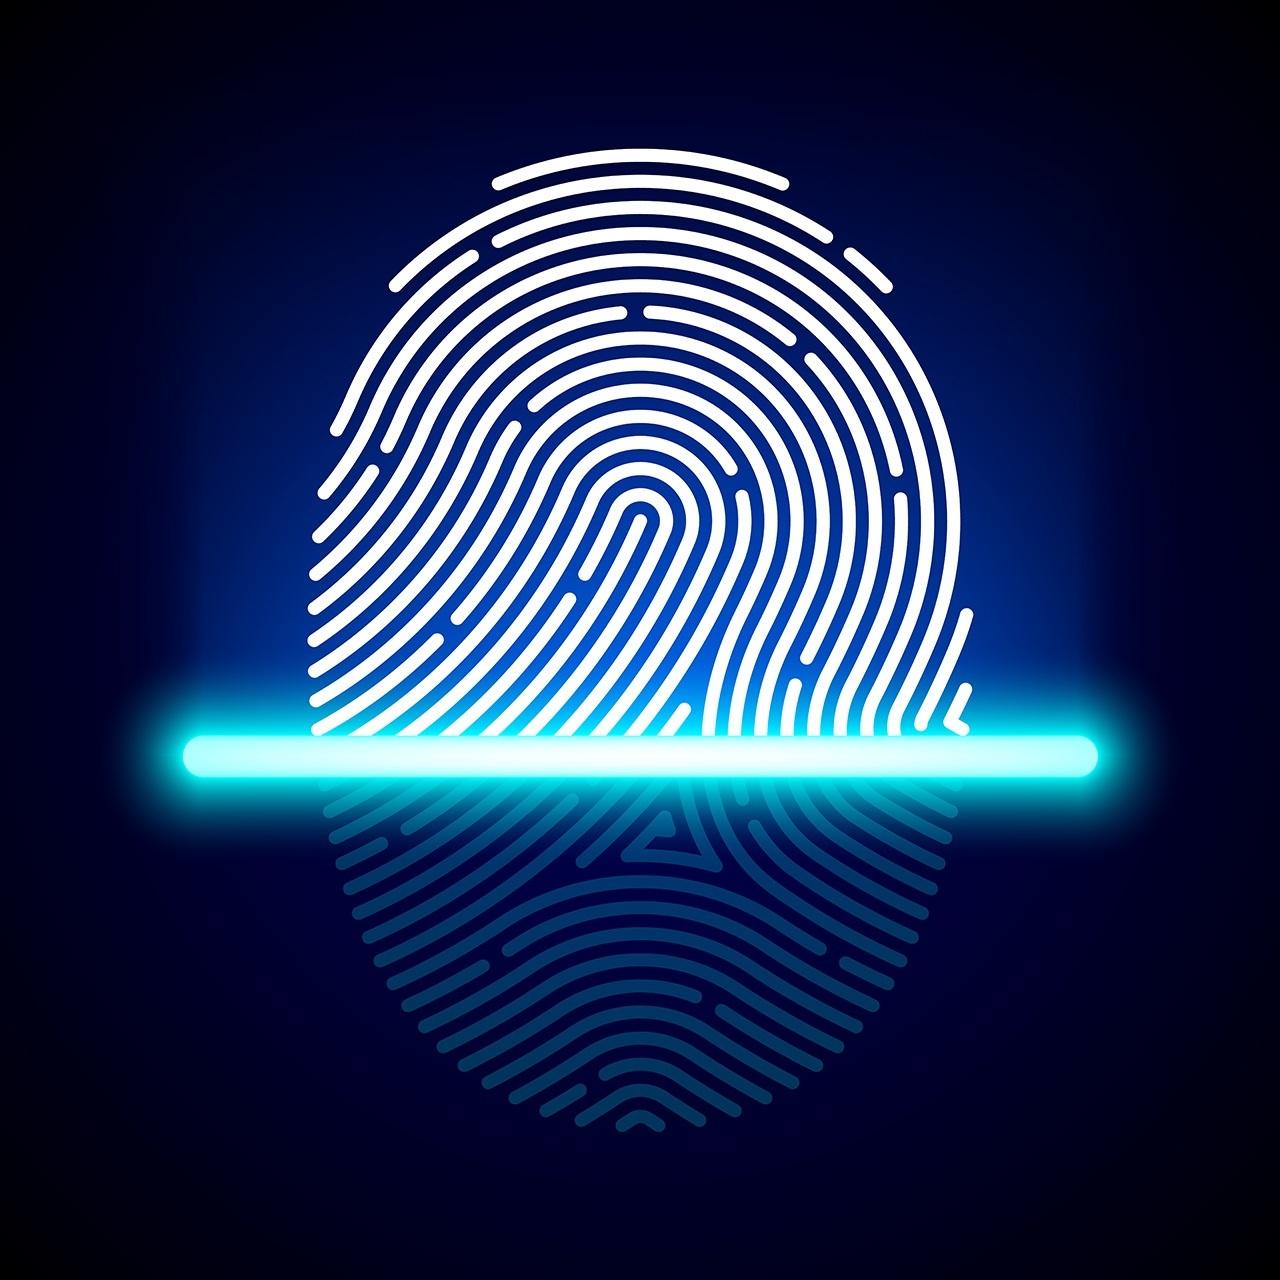 """У """"Слузі народу"""" анонсували систему голосування за відбитком пальця"""